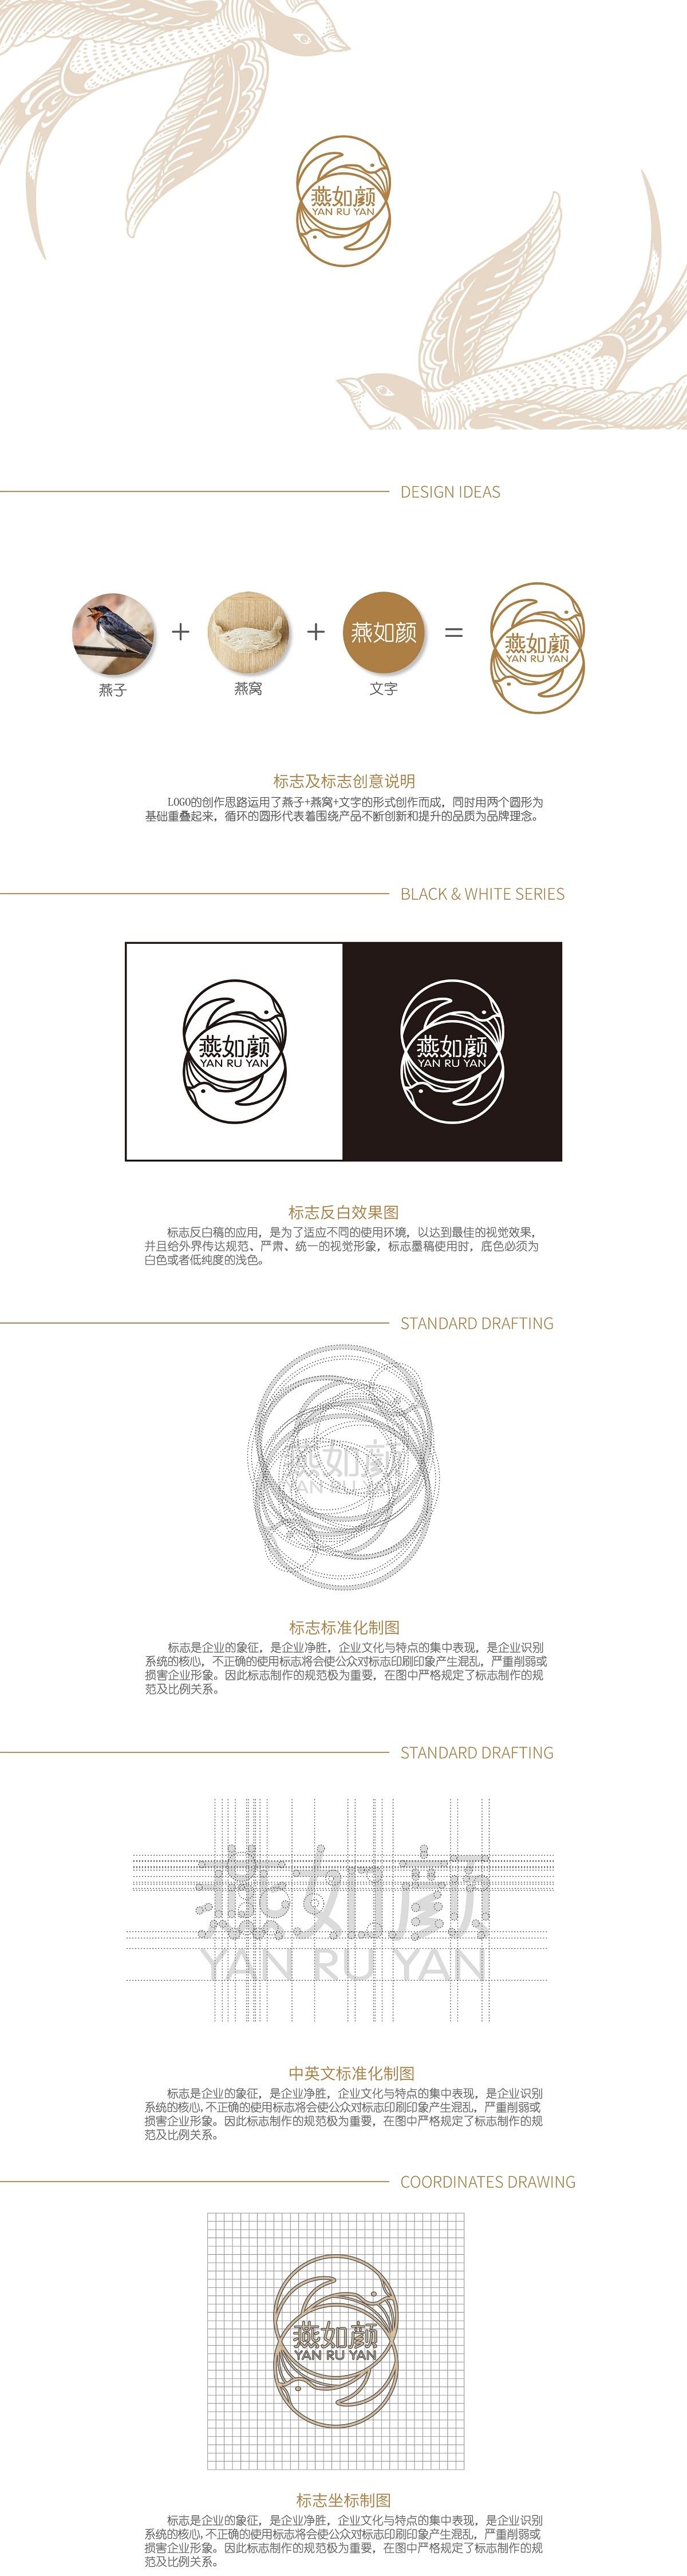 燕如颜-燕窝品牌形象设计